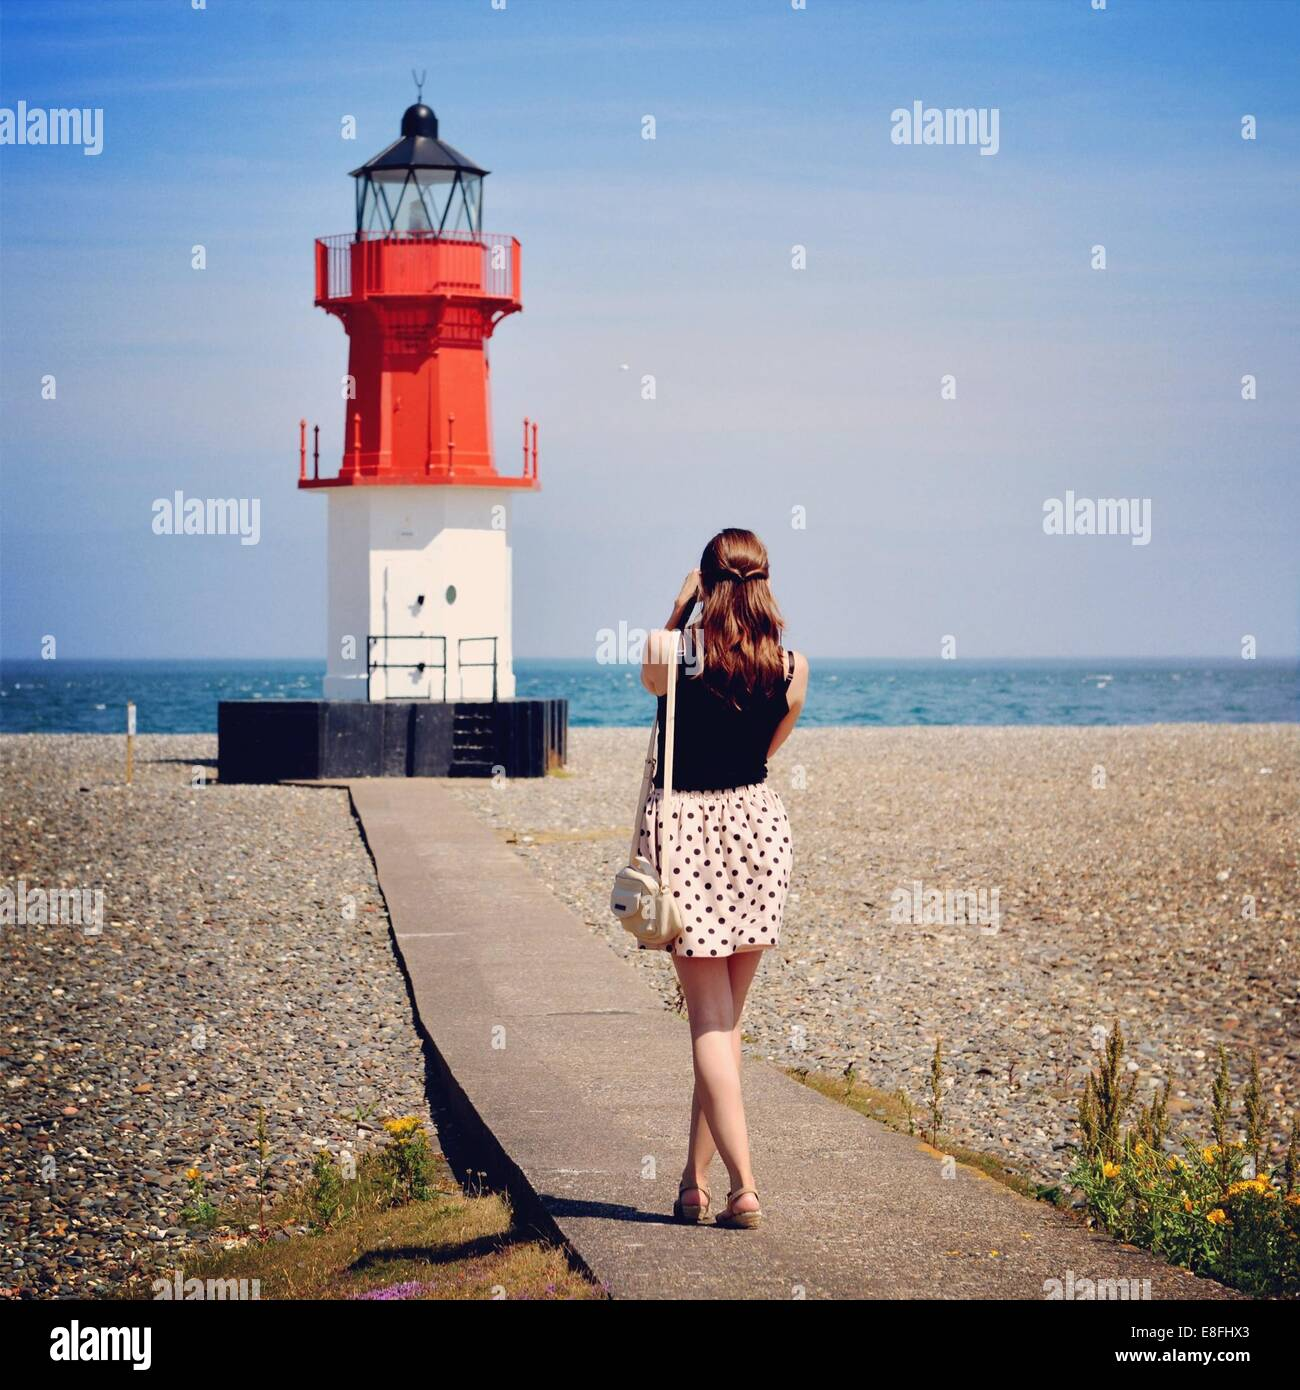 Woman photographing phare, Île de Man, en Angleterre, Royaume-Uni Banque D'Images